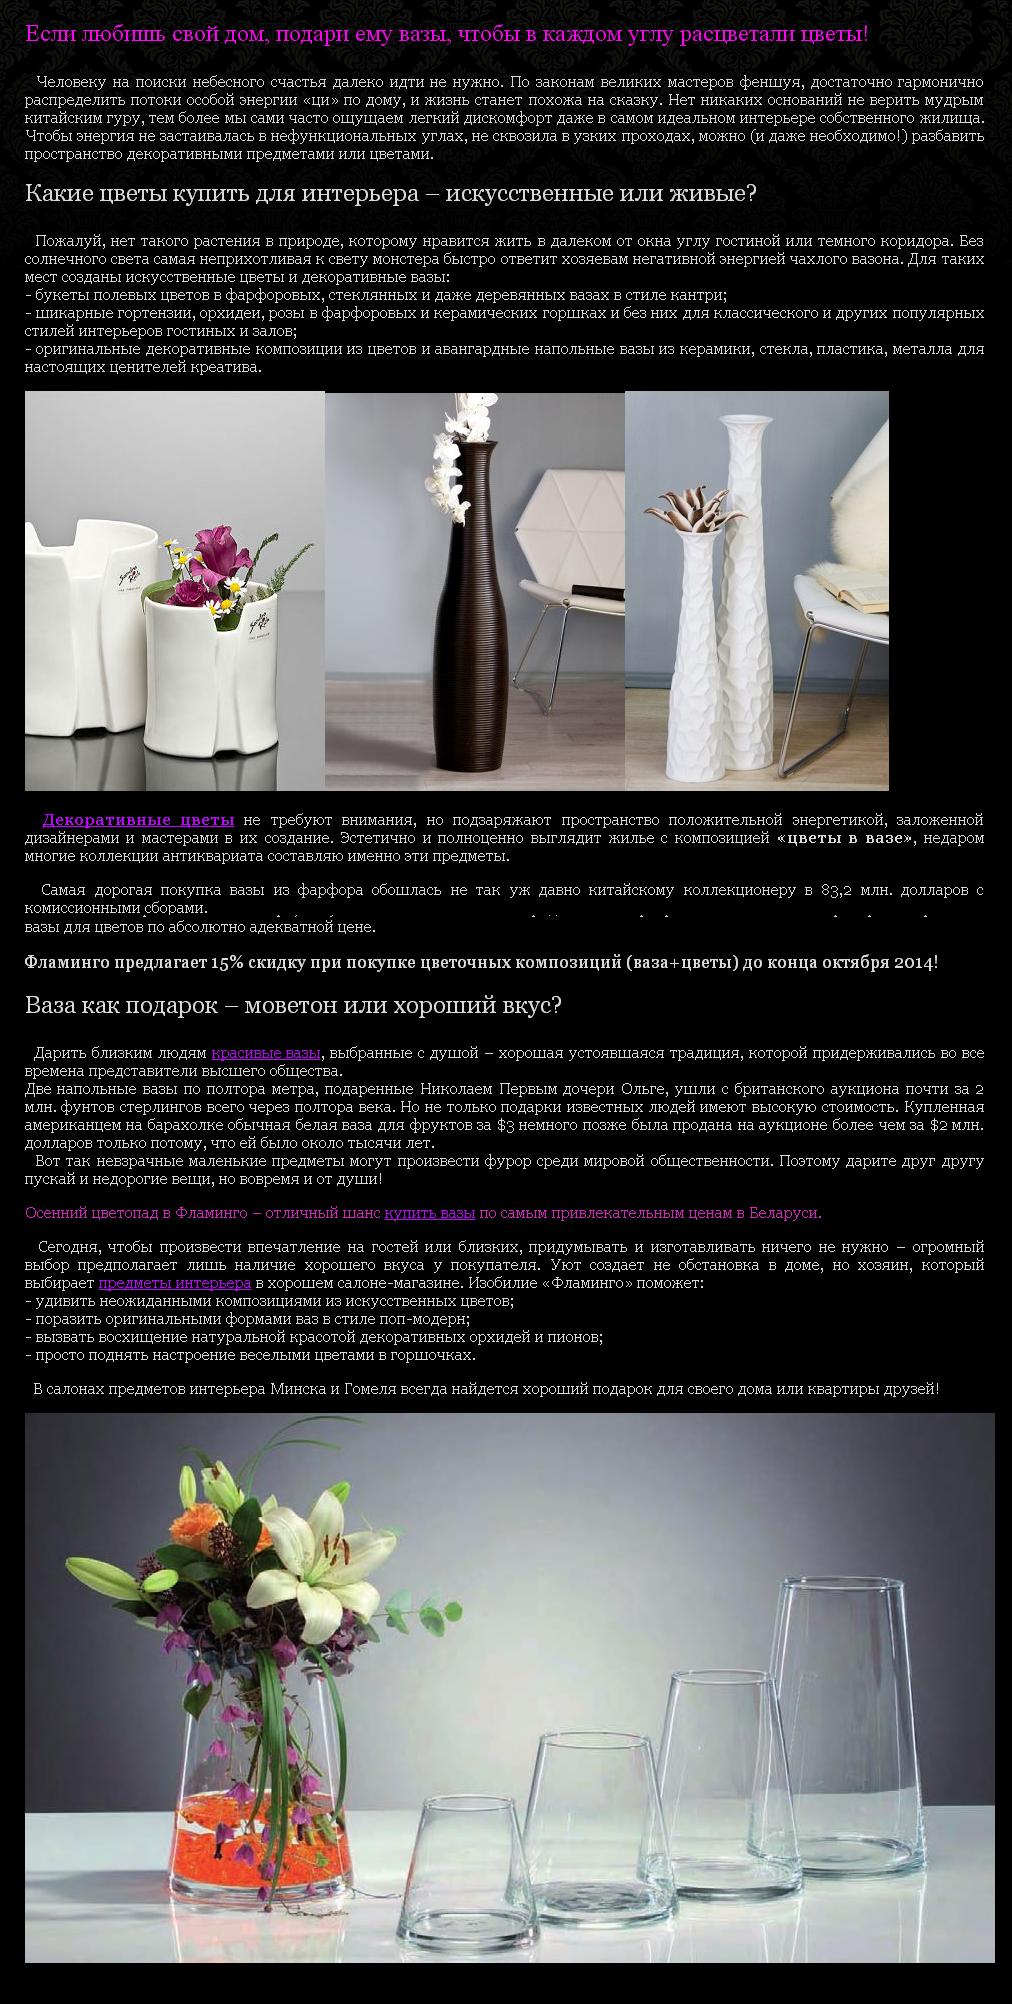 Купить вазу для цветов в Минске и Гомеле